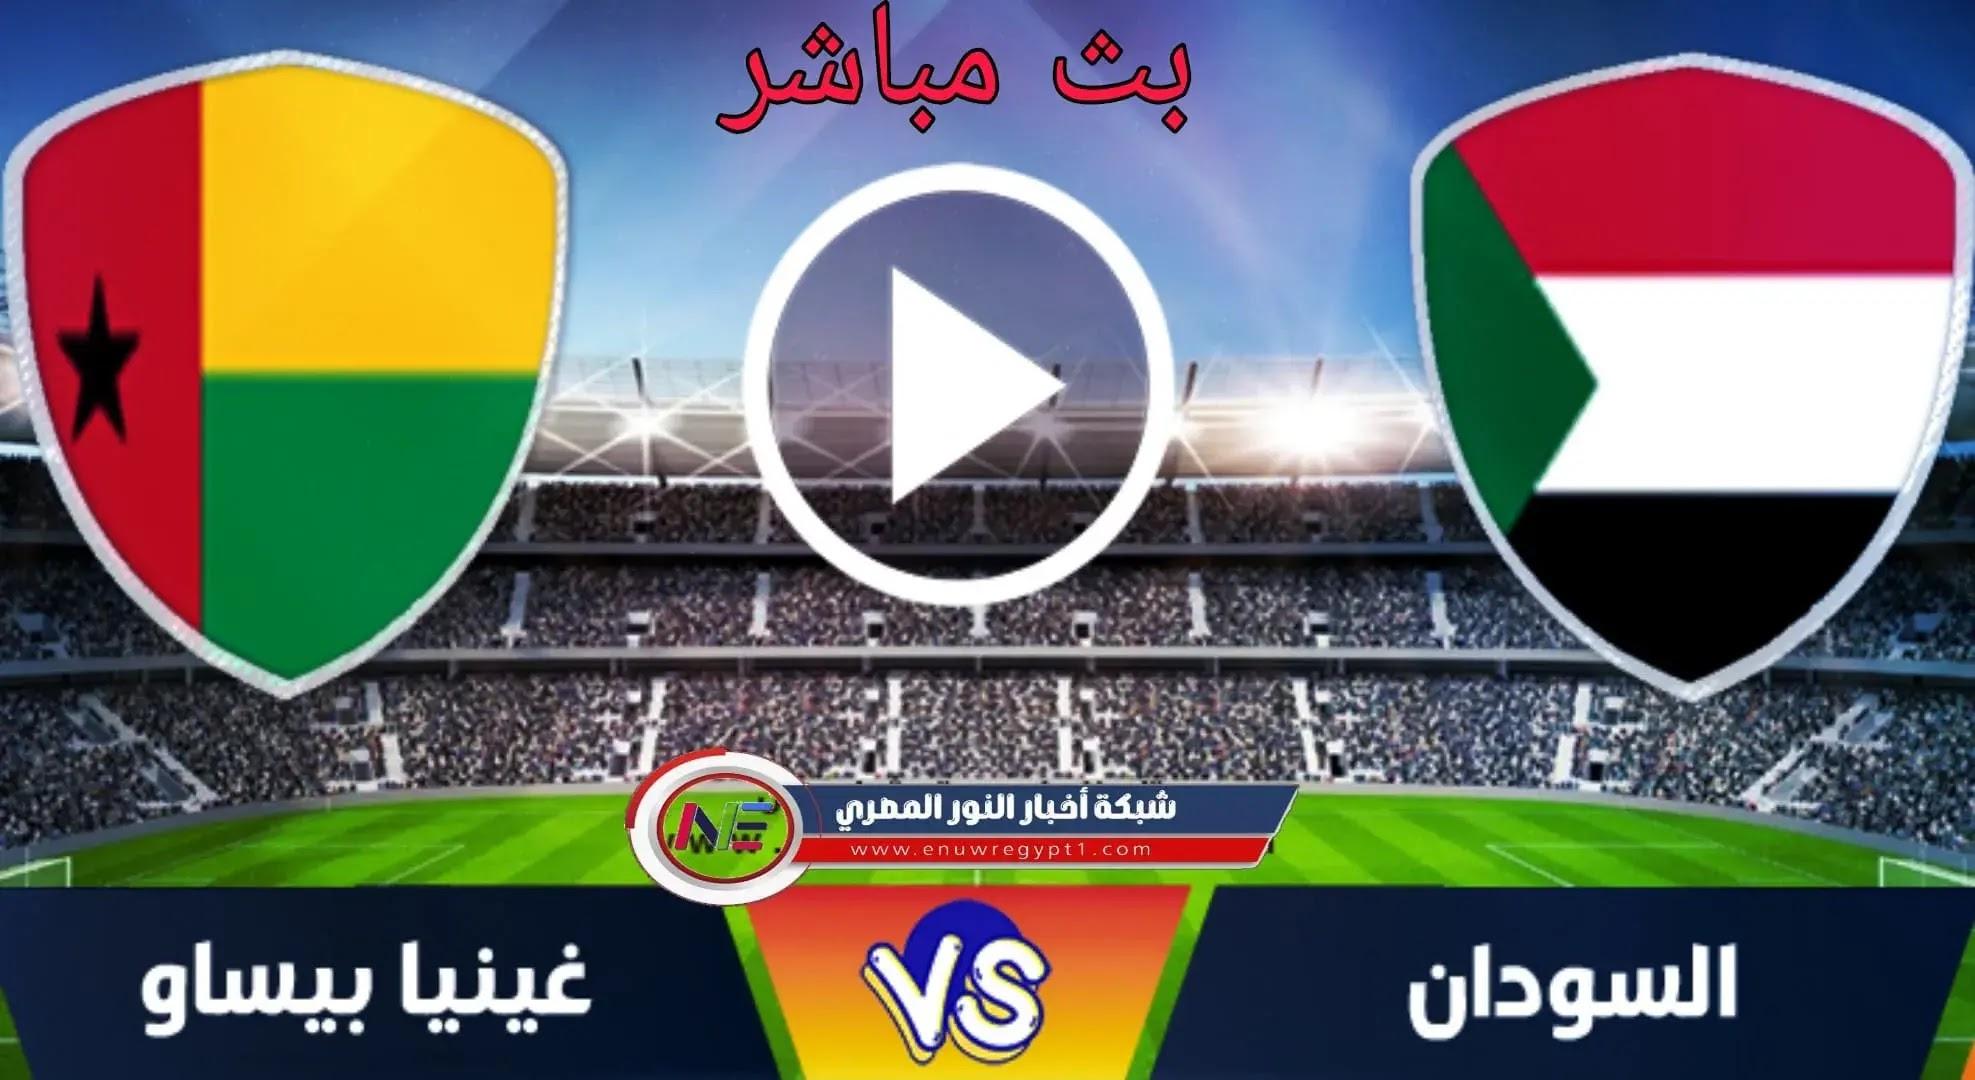 ايجي سبورت بث مباشر يوتيوب   مشاهدة مباراة السودان و غينيا بيساو بث مباشر egy sport اليوم 07-09-2021 لايف في تصفيات كأس العالم